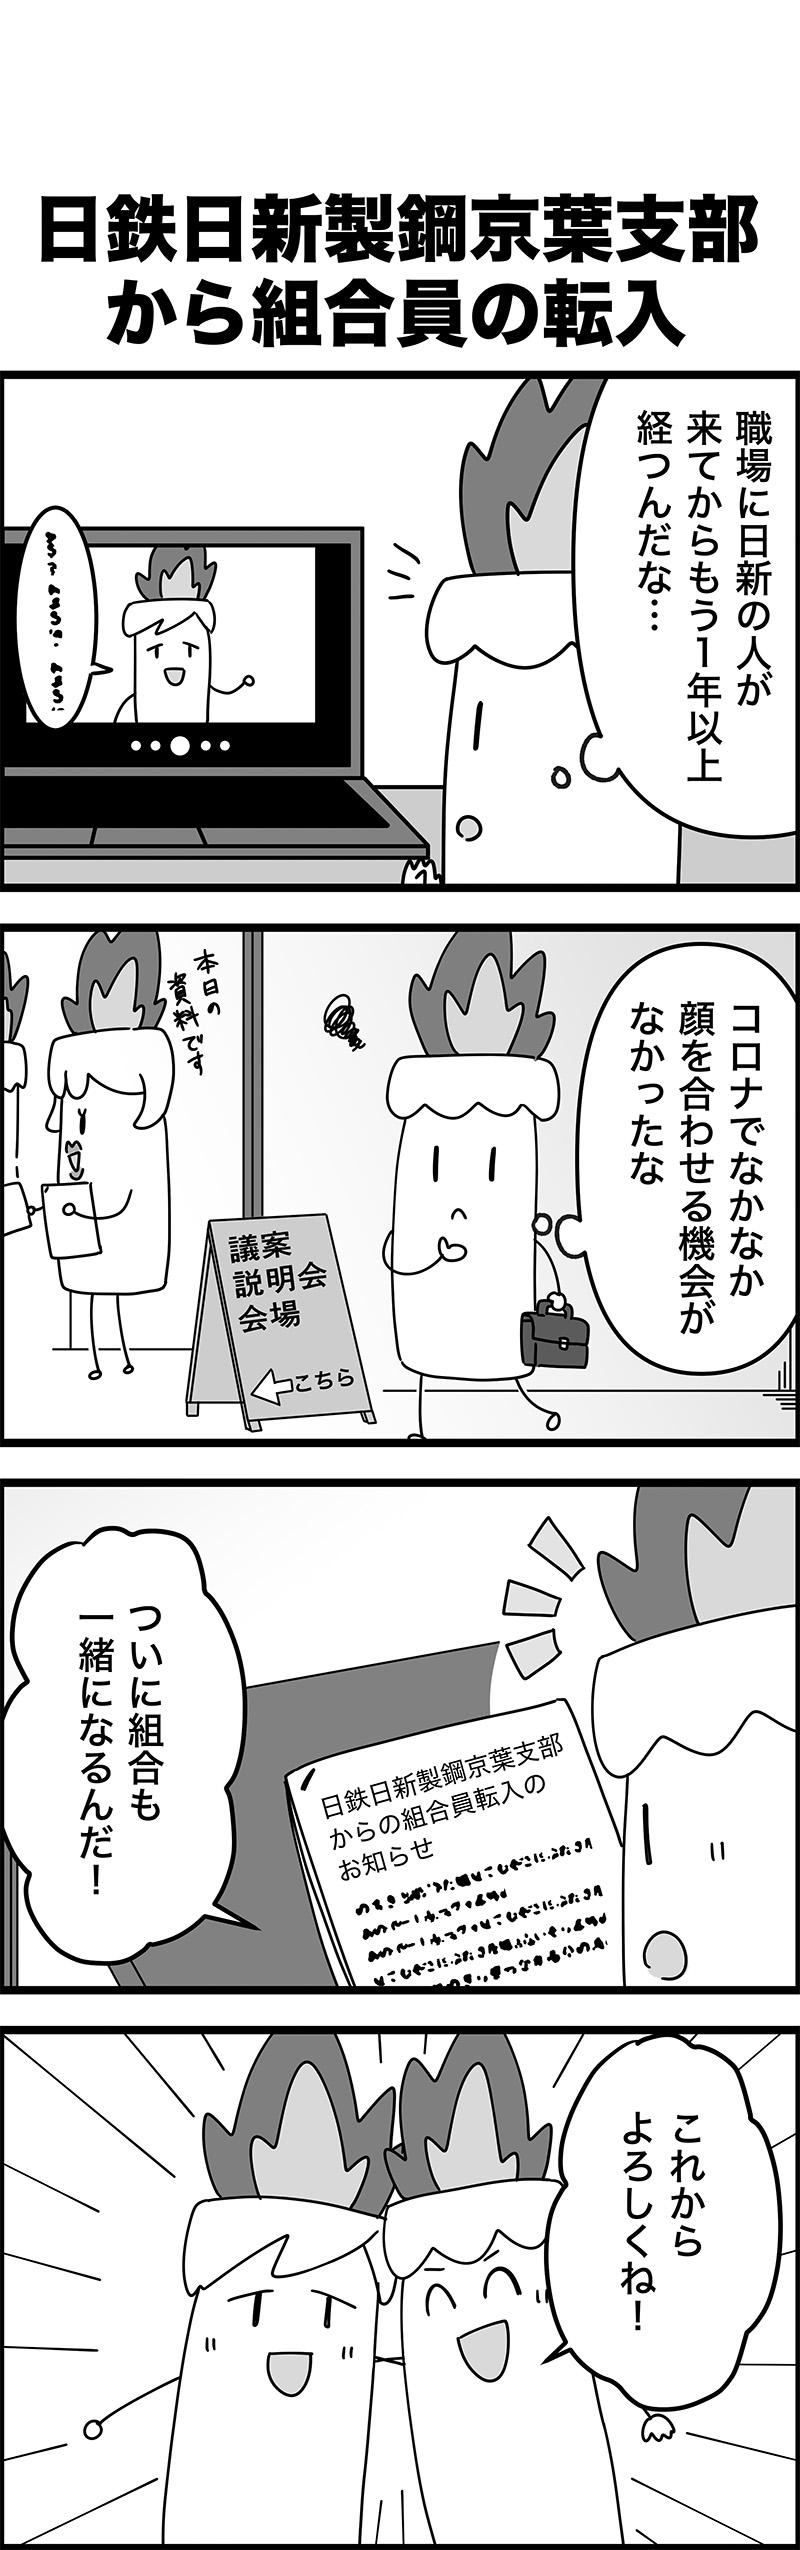 新日鐵住金本社労働組合ロウソくん4コマ漫画第11弾[画像1]